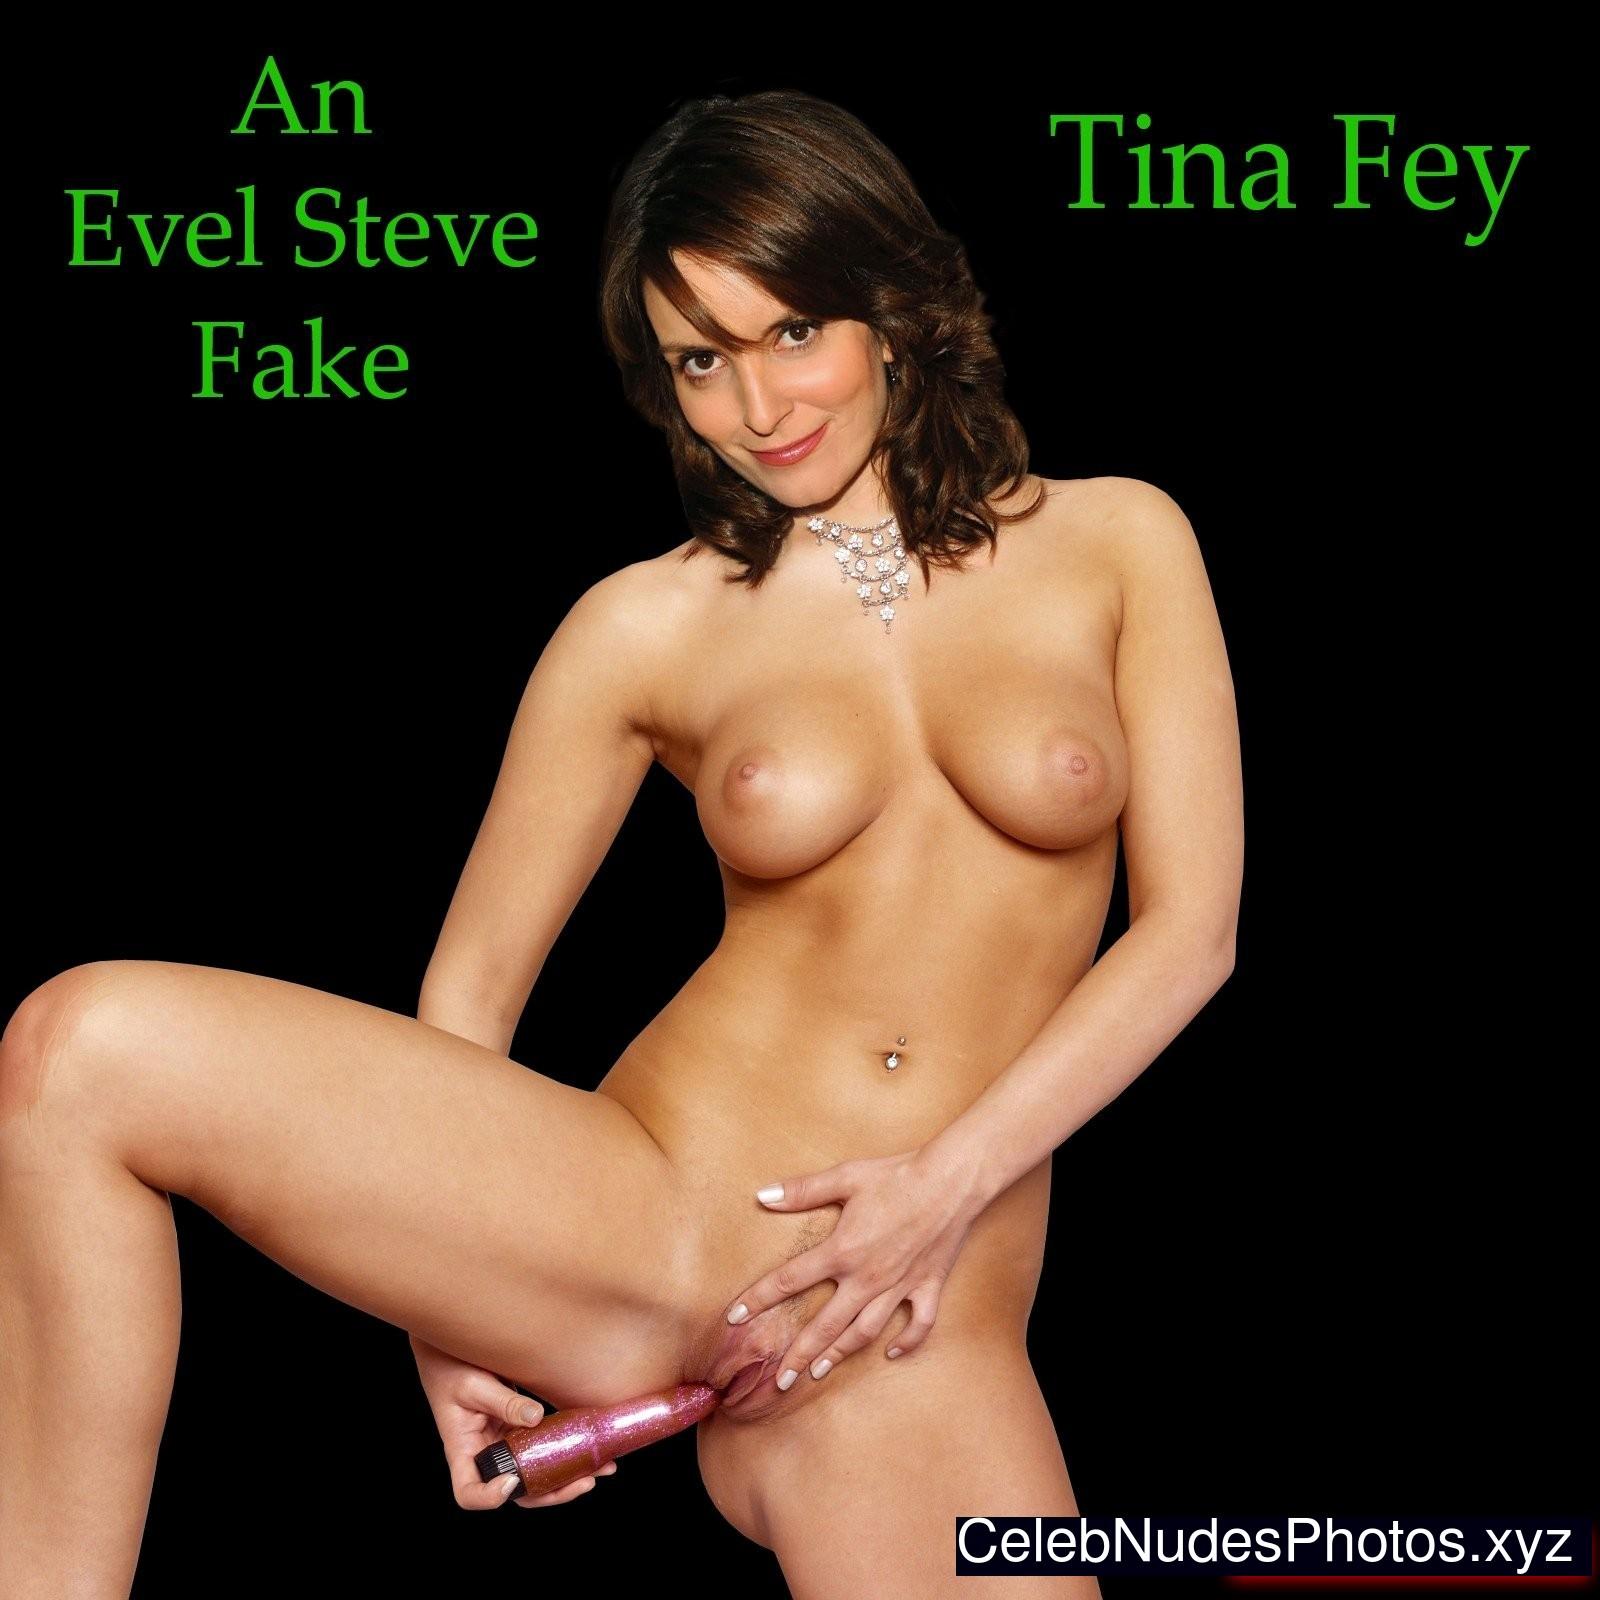 Tina fey nude fakes